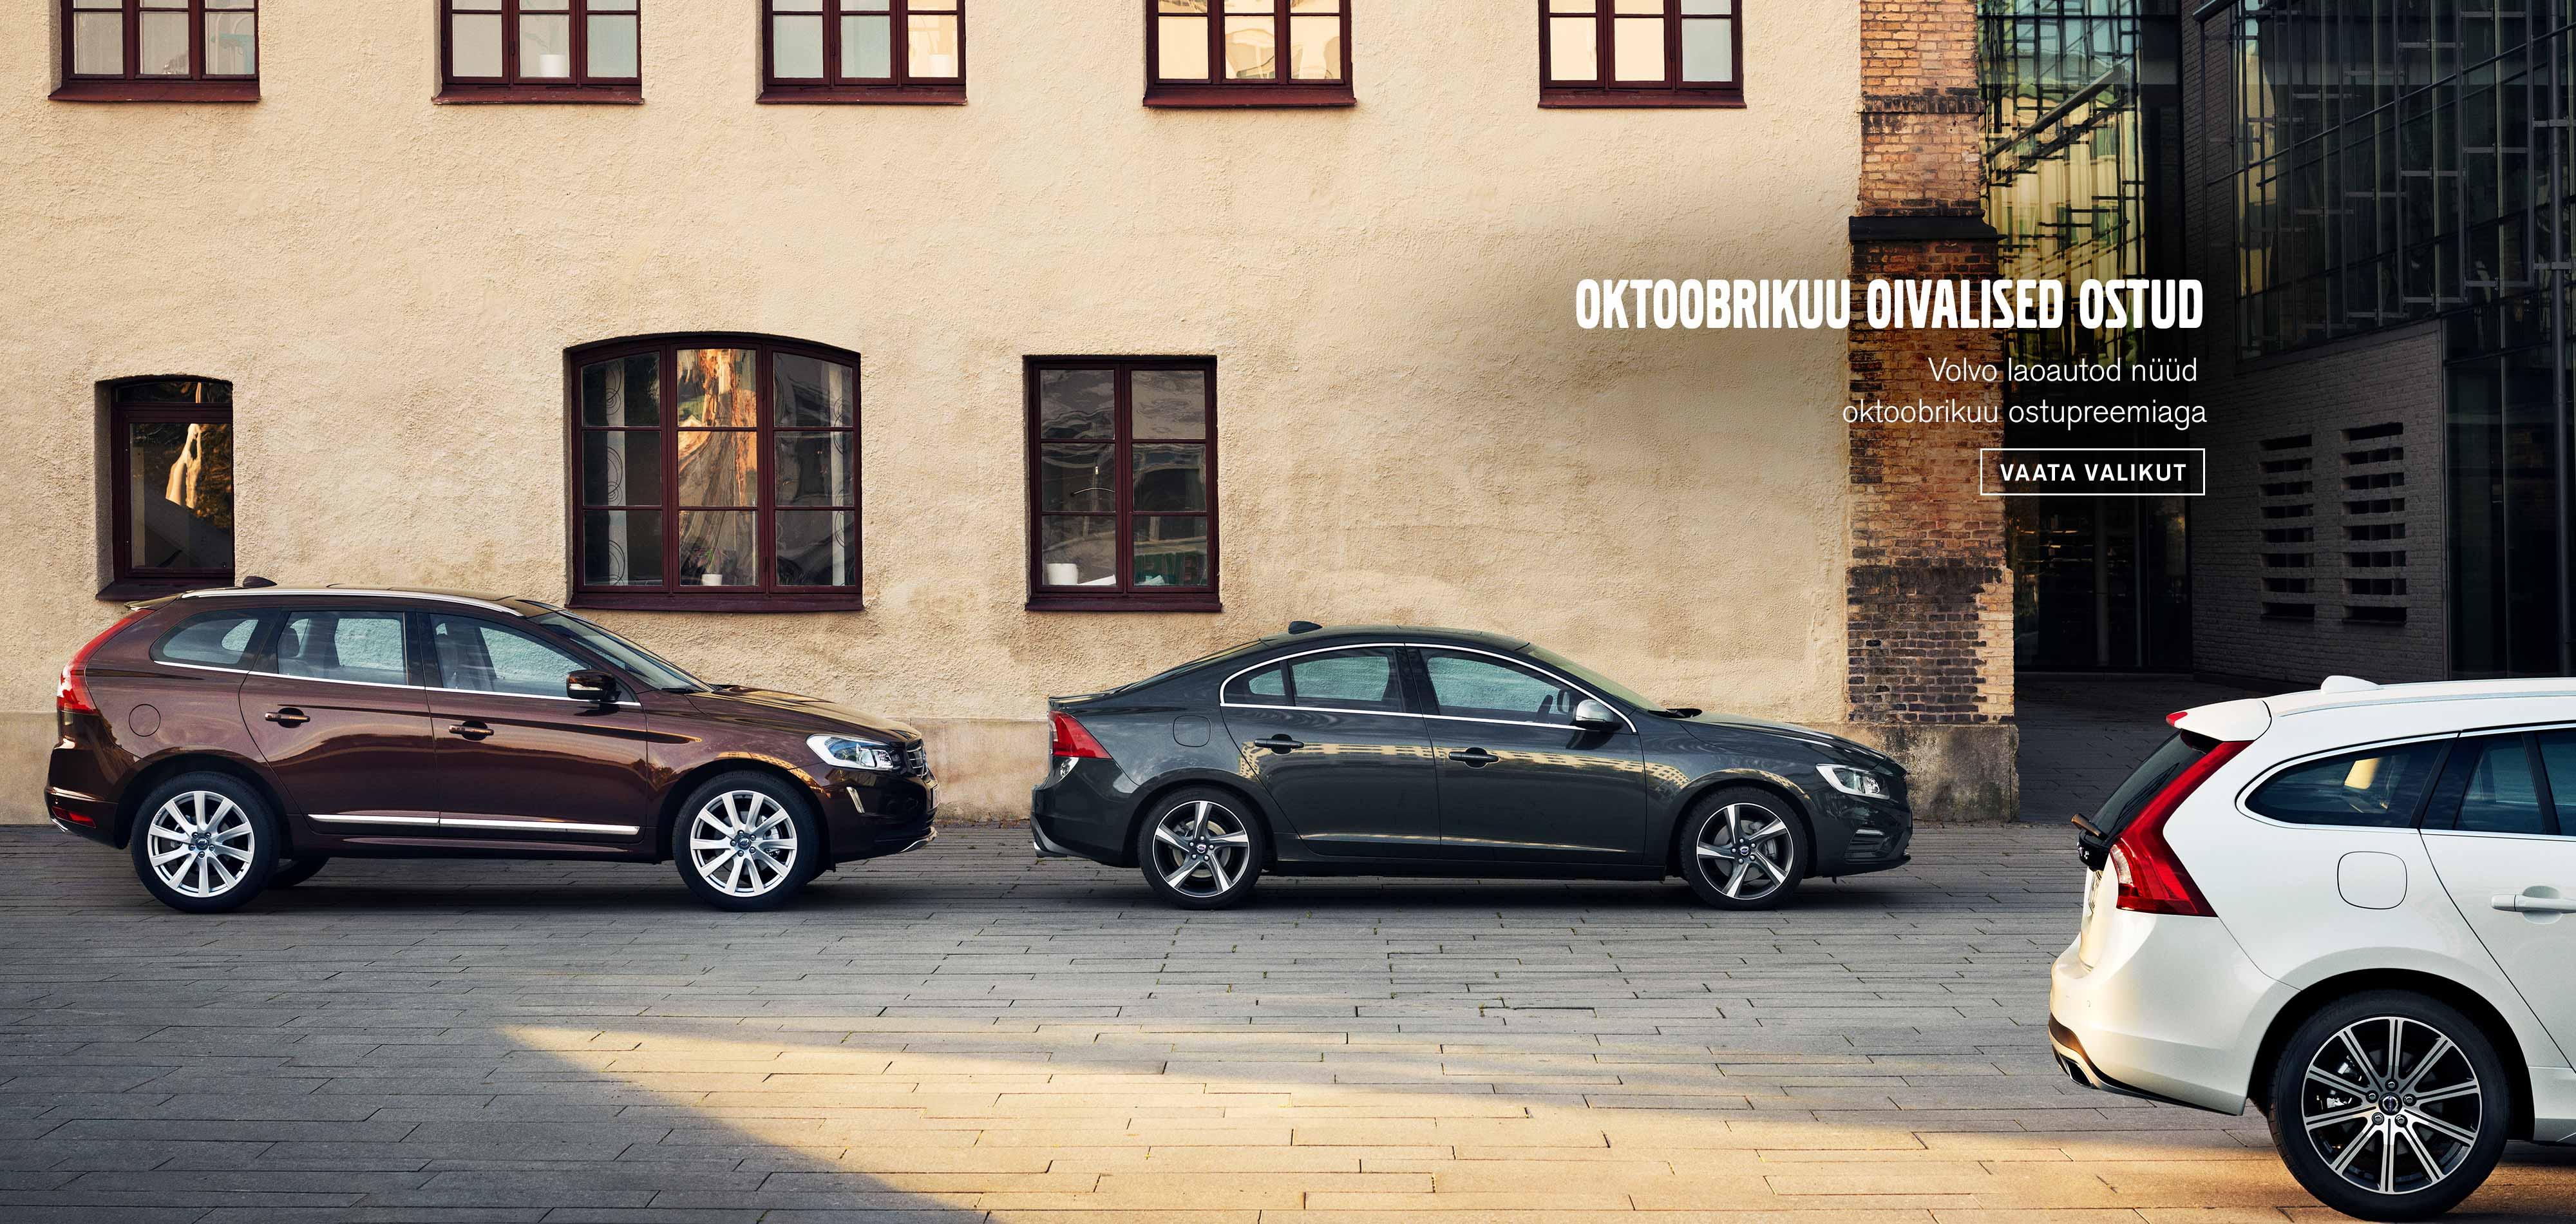 Volvo laoautode oktoobrikuu sooduspakkumised